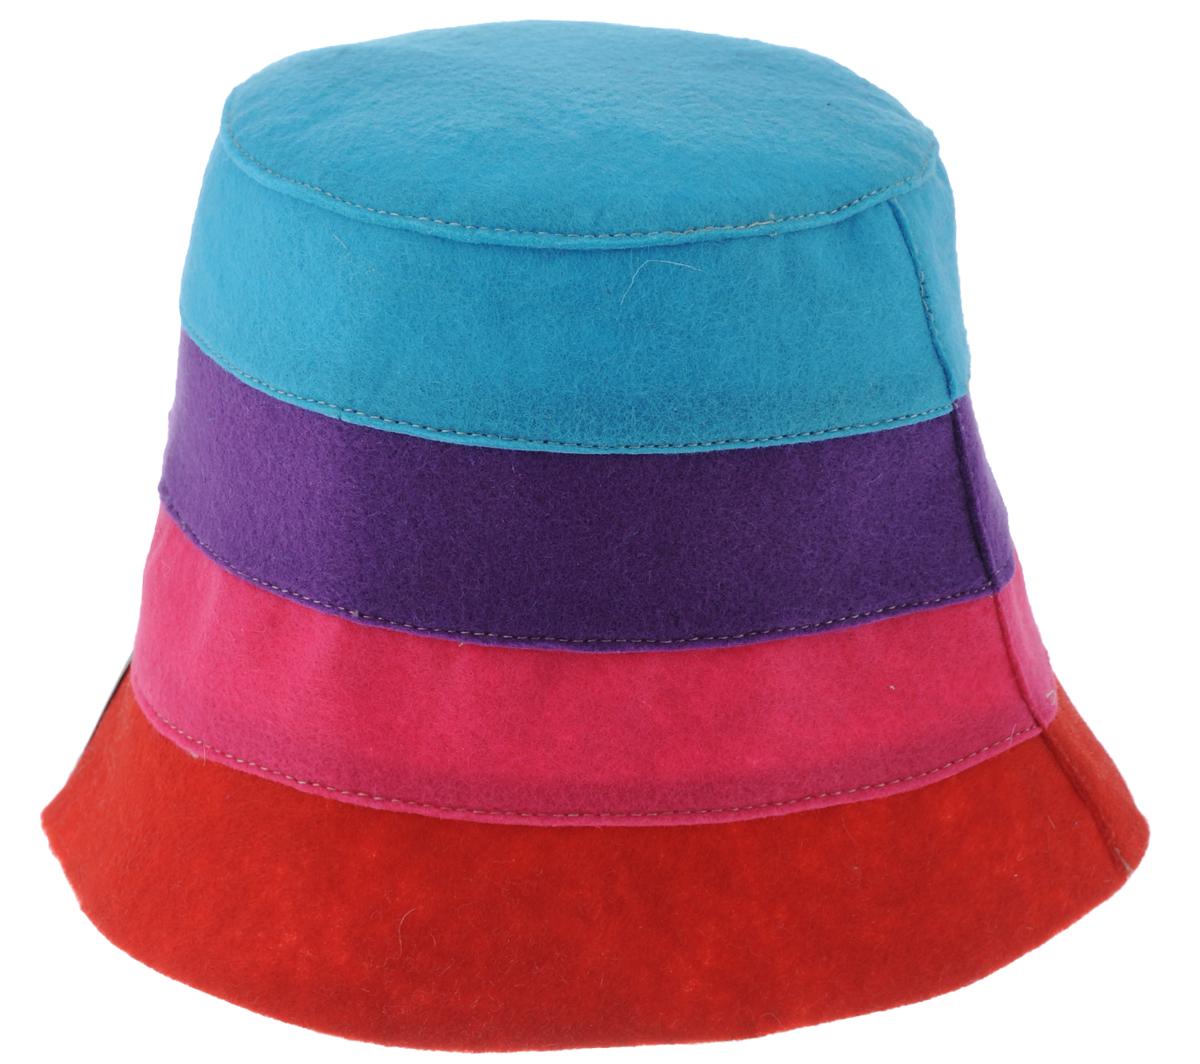 Шапка для бани и сауны Доктор баня В полоску, цвет: красный, розовый, фиолетовый905254_красный, розовый, фиолетовый, голубойШапка для бани и сауны Доктор баня В полоску, выполненная из 100% полиэстера, является оригинальным и незаменимым аксессуаром для любителей попариться в русской бане и для тех, кто предпочитает сухой жар финской бани. Необычный дизайн изделия поможет сделать ваш отдых более приятным и разнообразным. При правильном уходе шапка прослужит долгое время. Обхват головы: 60 см.